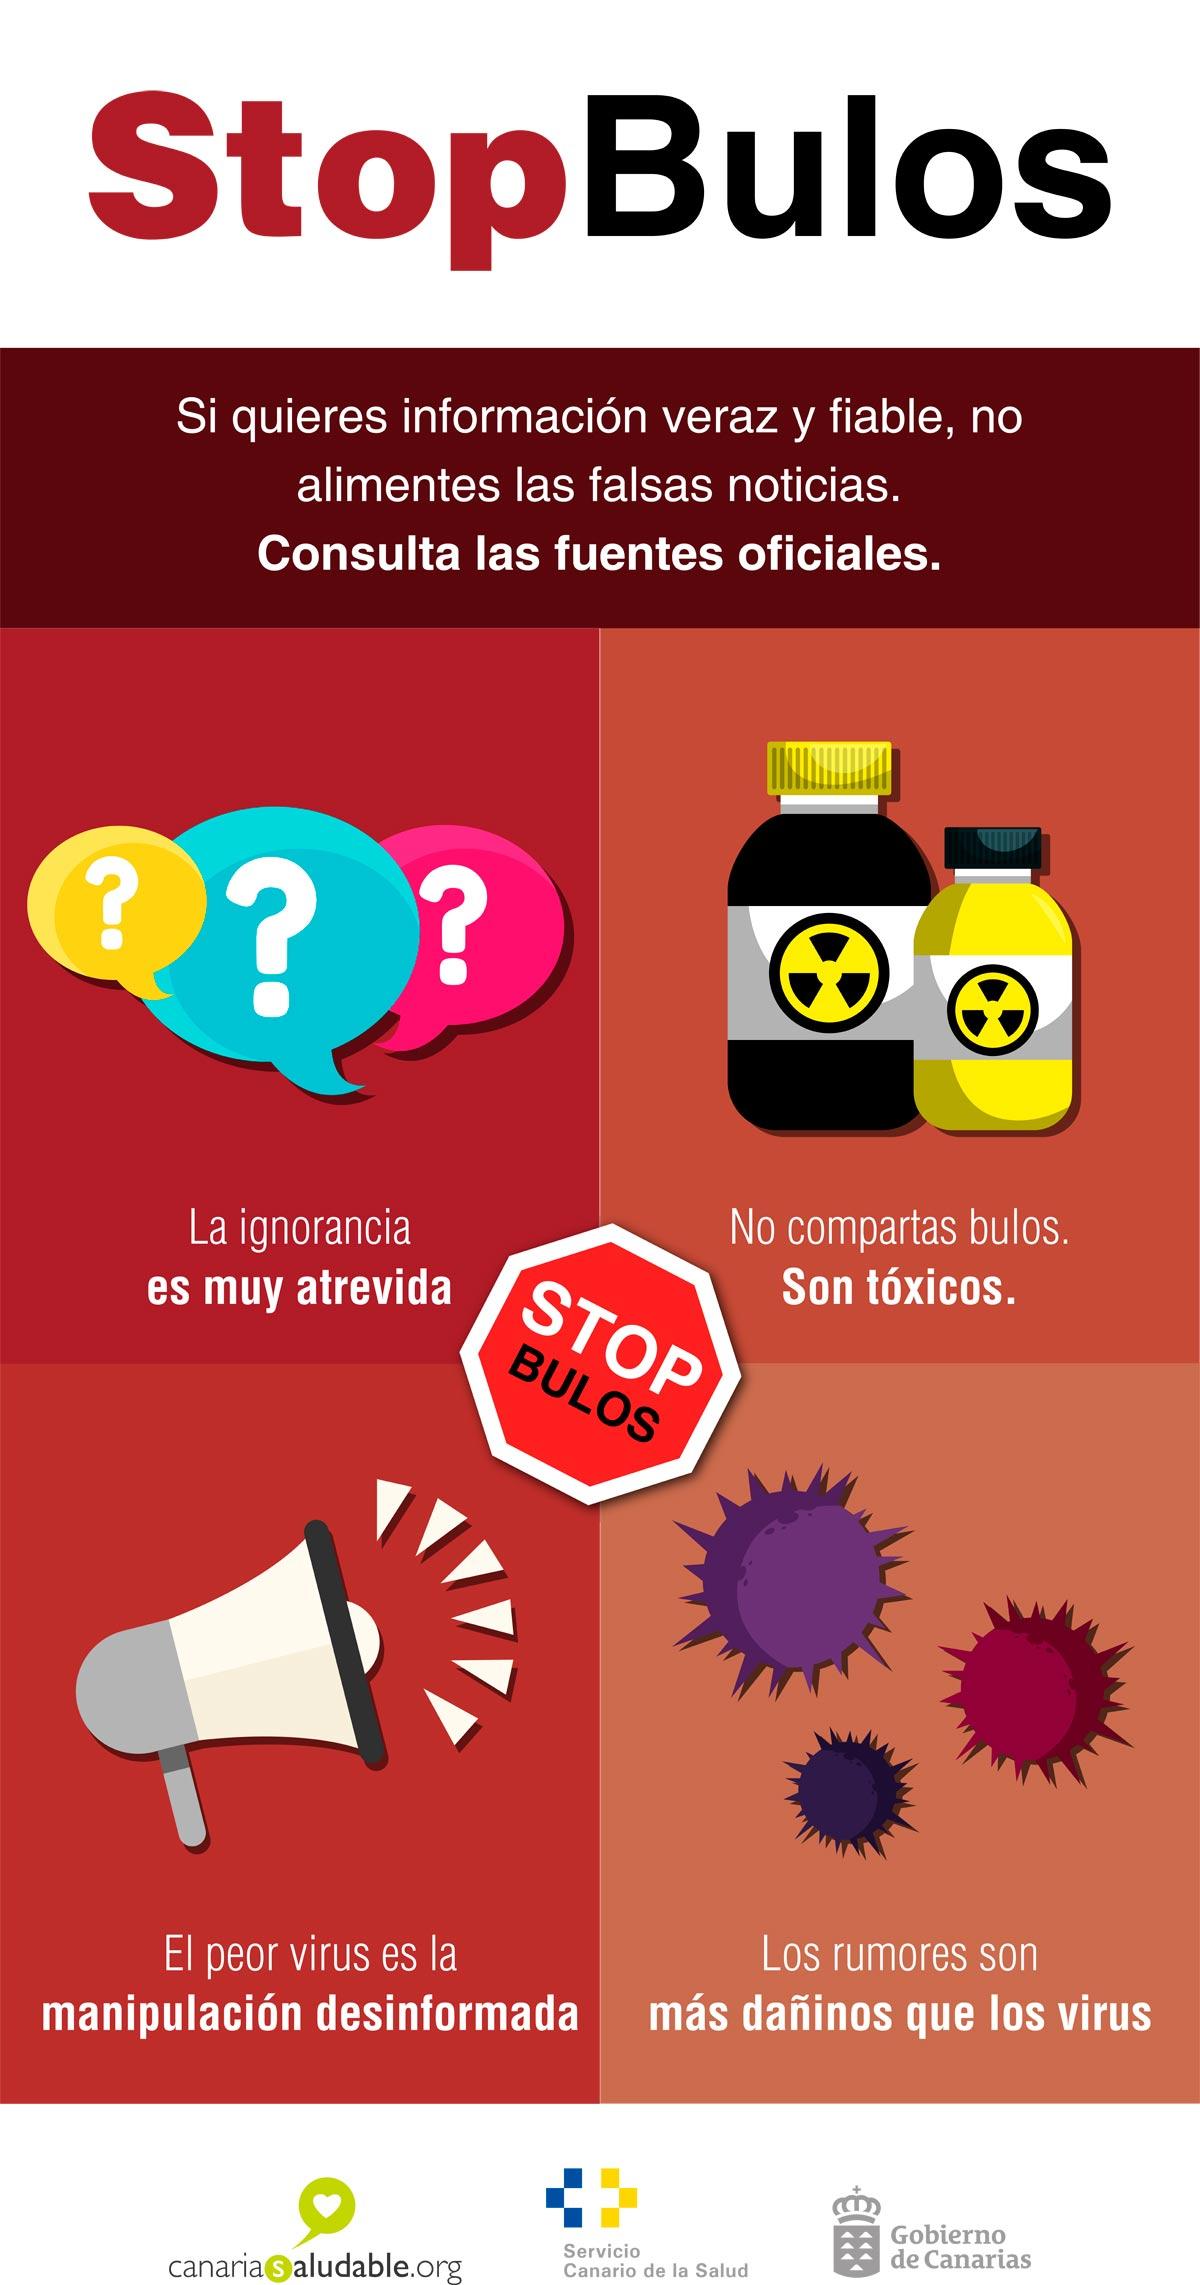 Stop Bulos